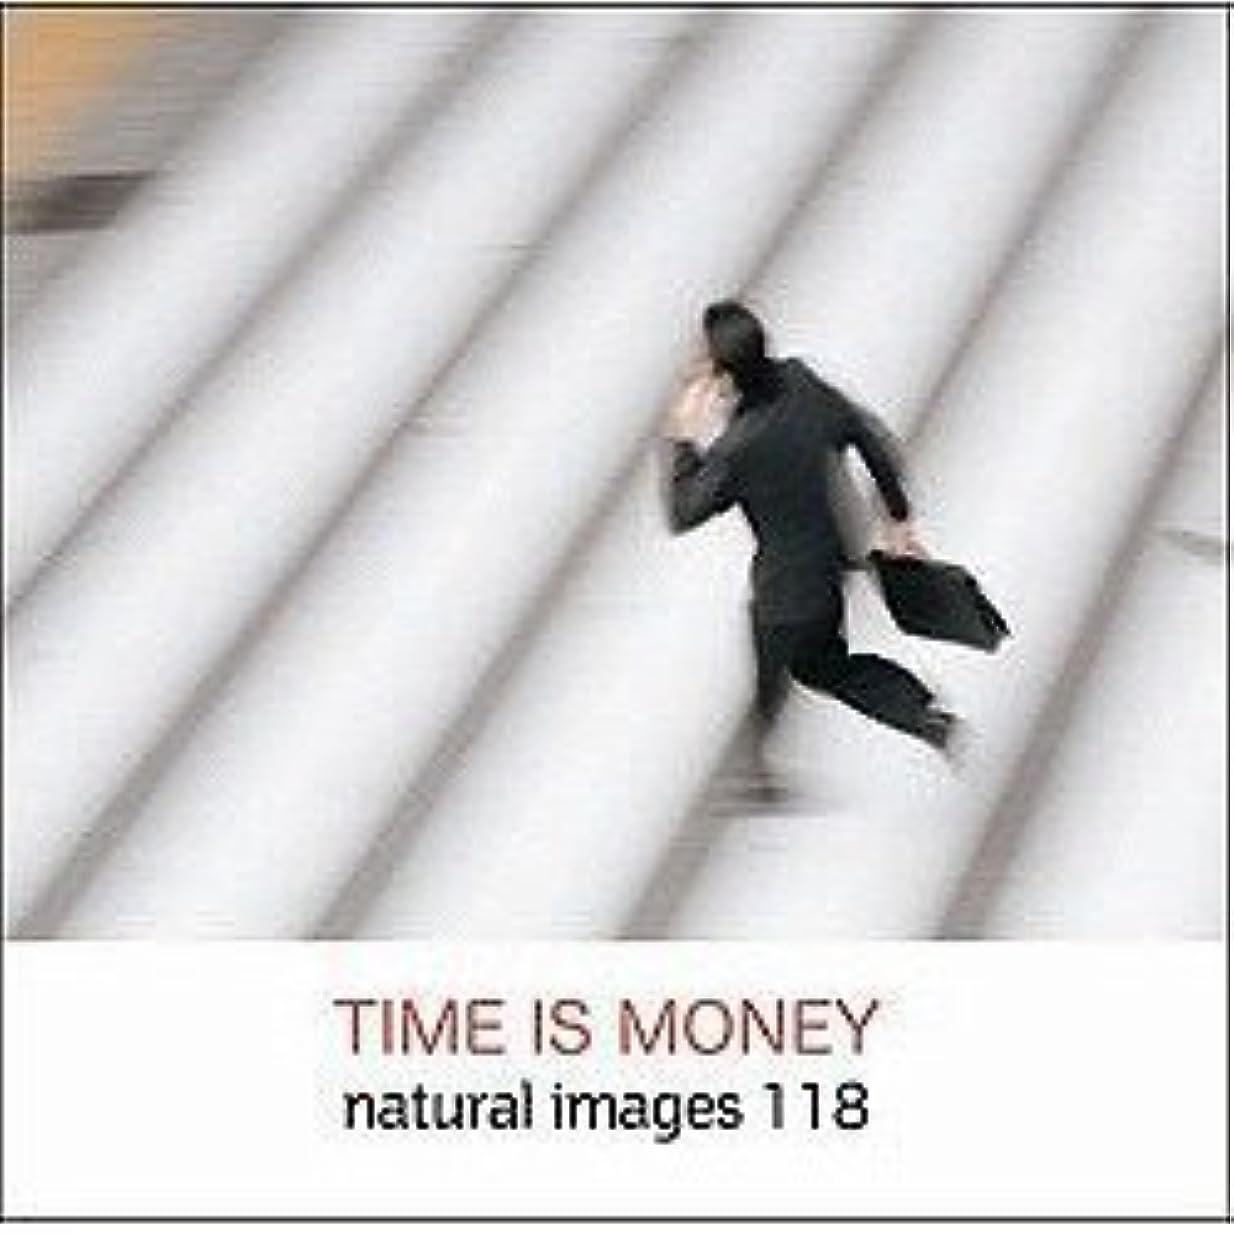 賢い急襲投げ捨てるnaturalimages Vol.118 TIME IS MONEY